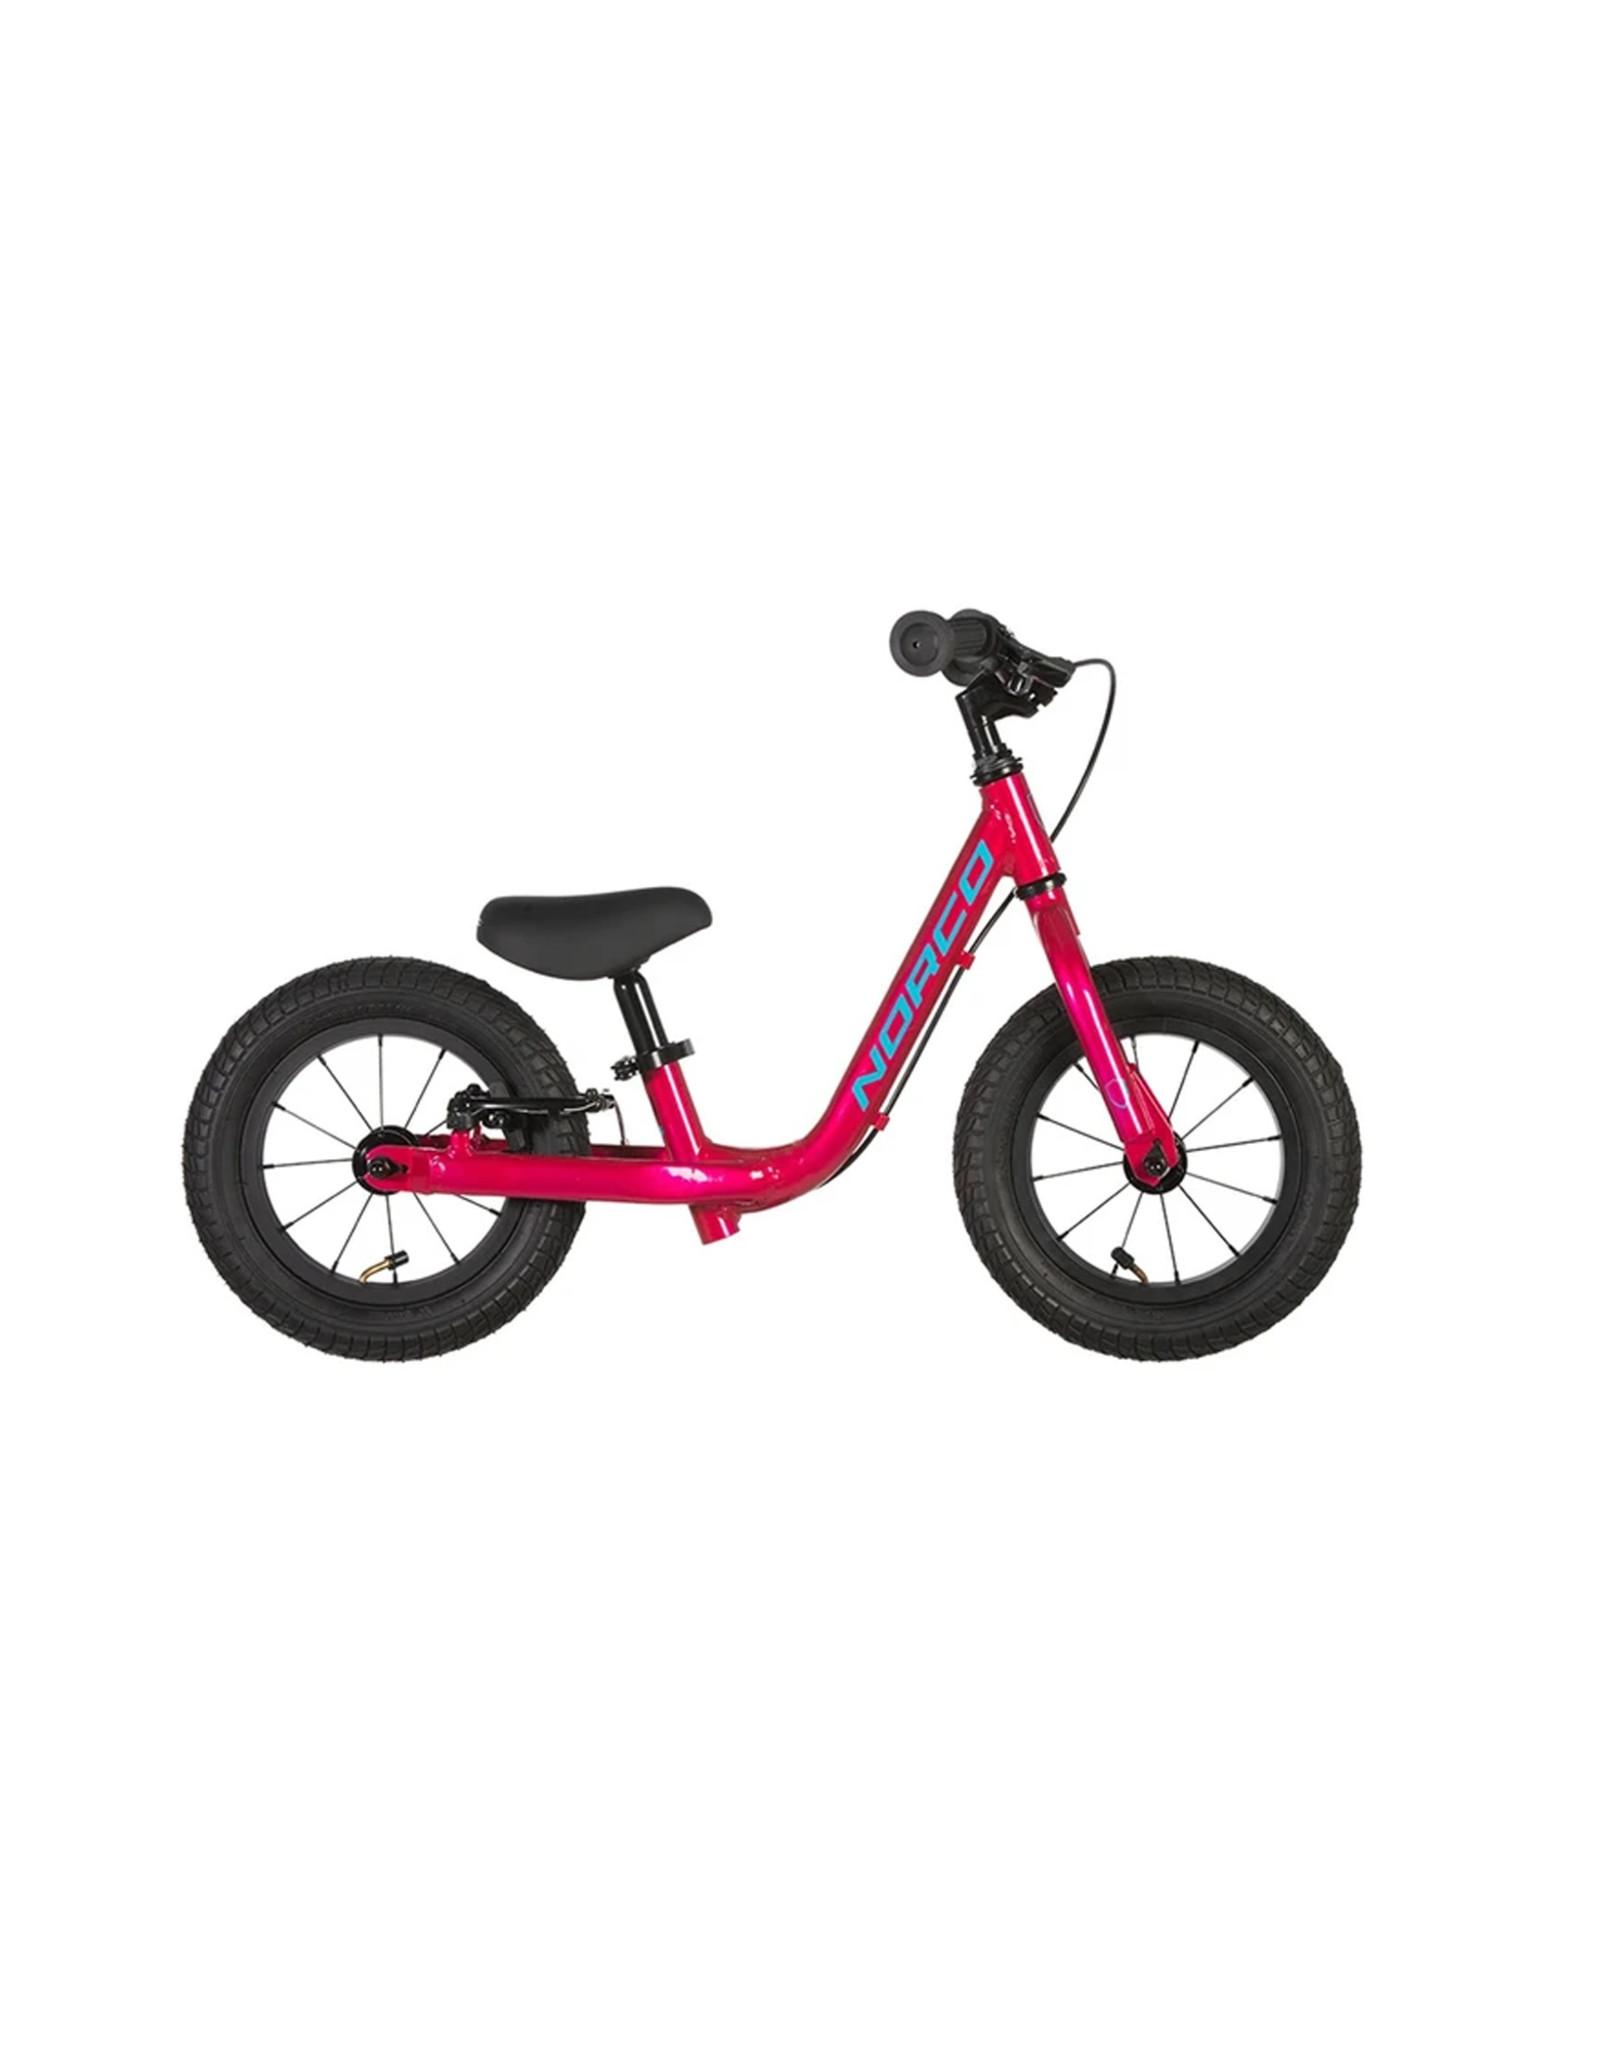 Vélo Norco Runner 12 2022